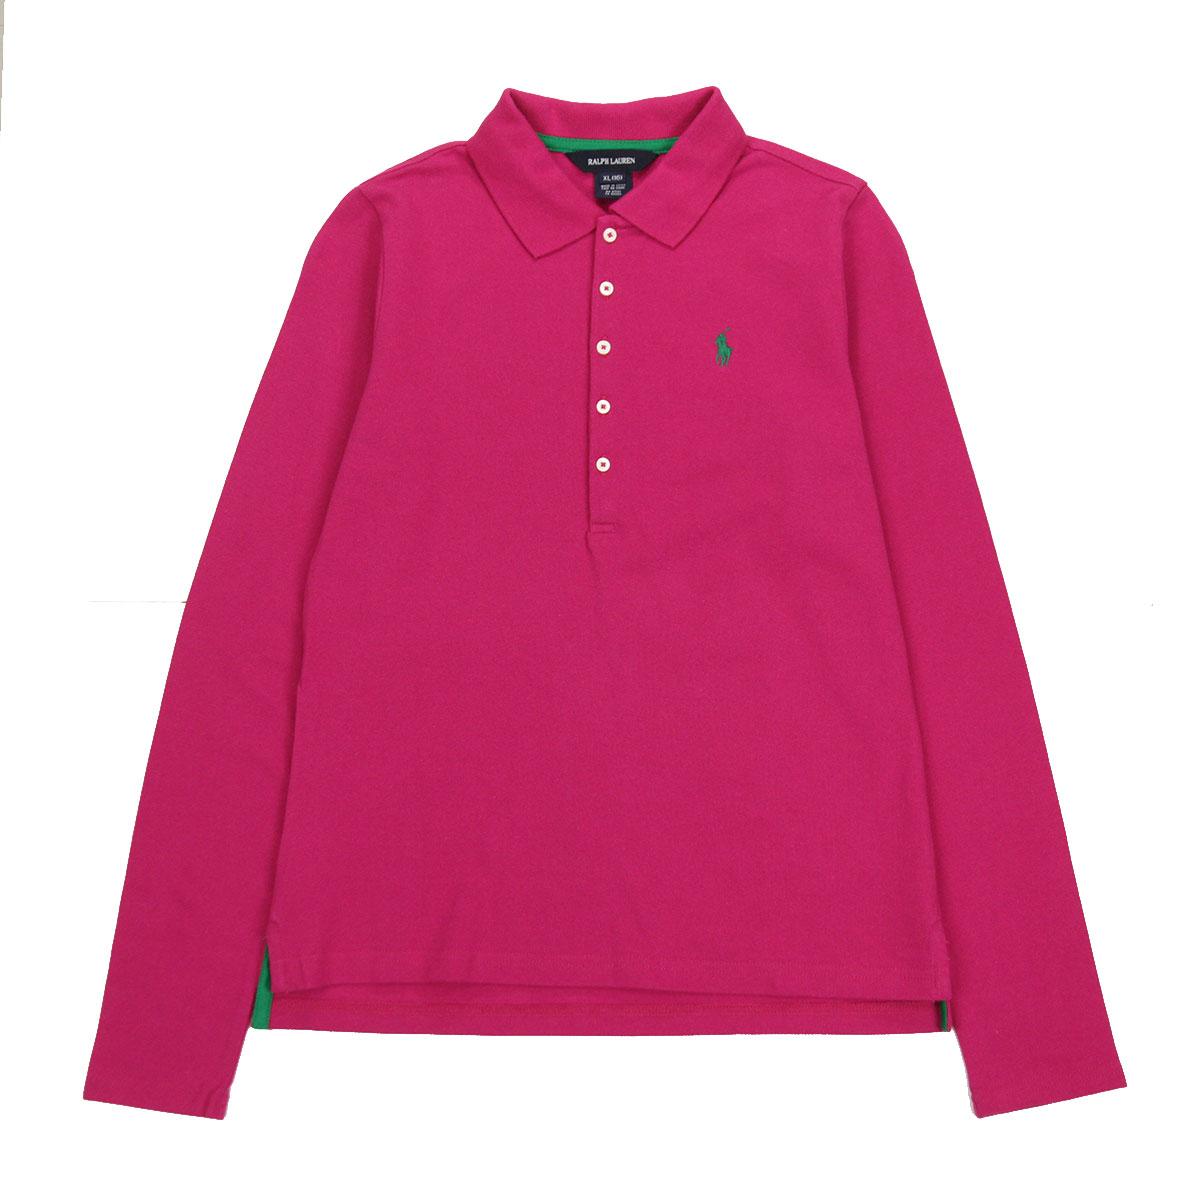 d470a0d51 Rakuten Ichiba shop MIXON: Polo Ralph Lauren kids POLO RALPH LAUREN ...